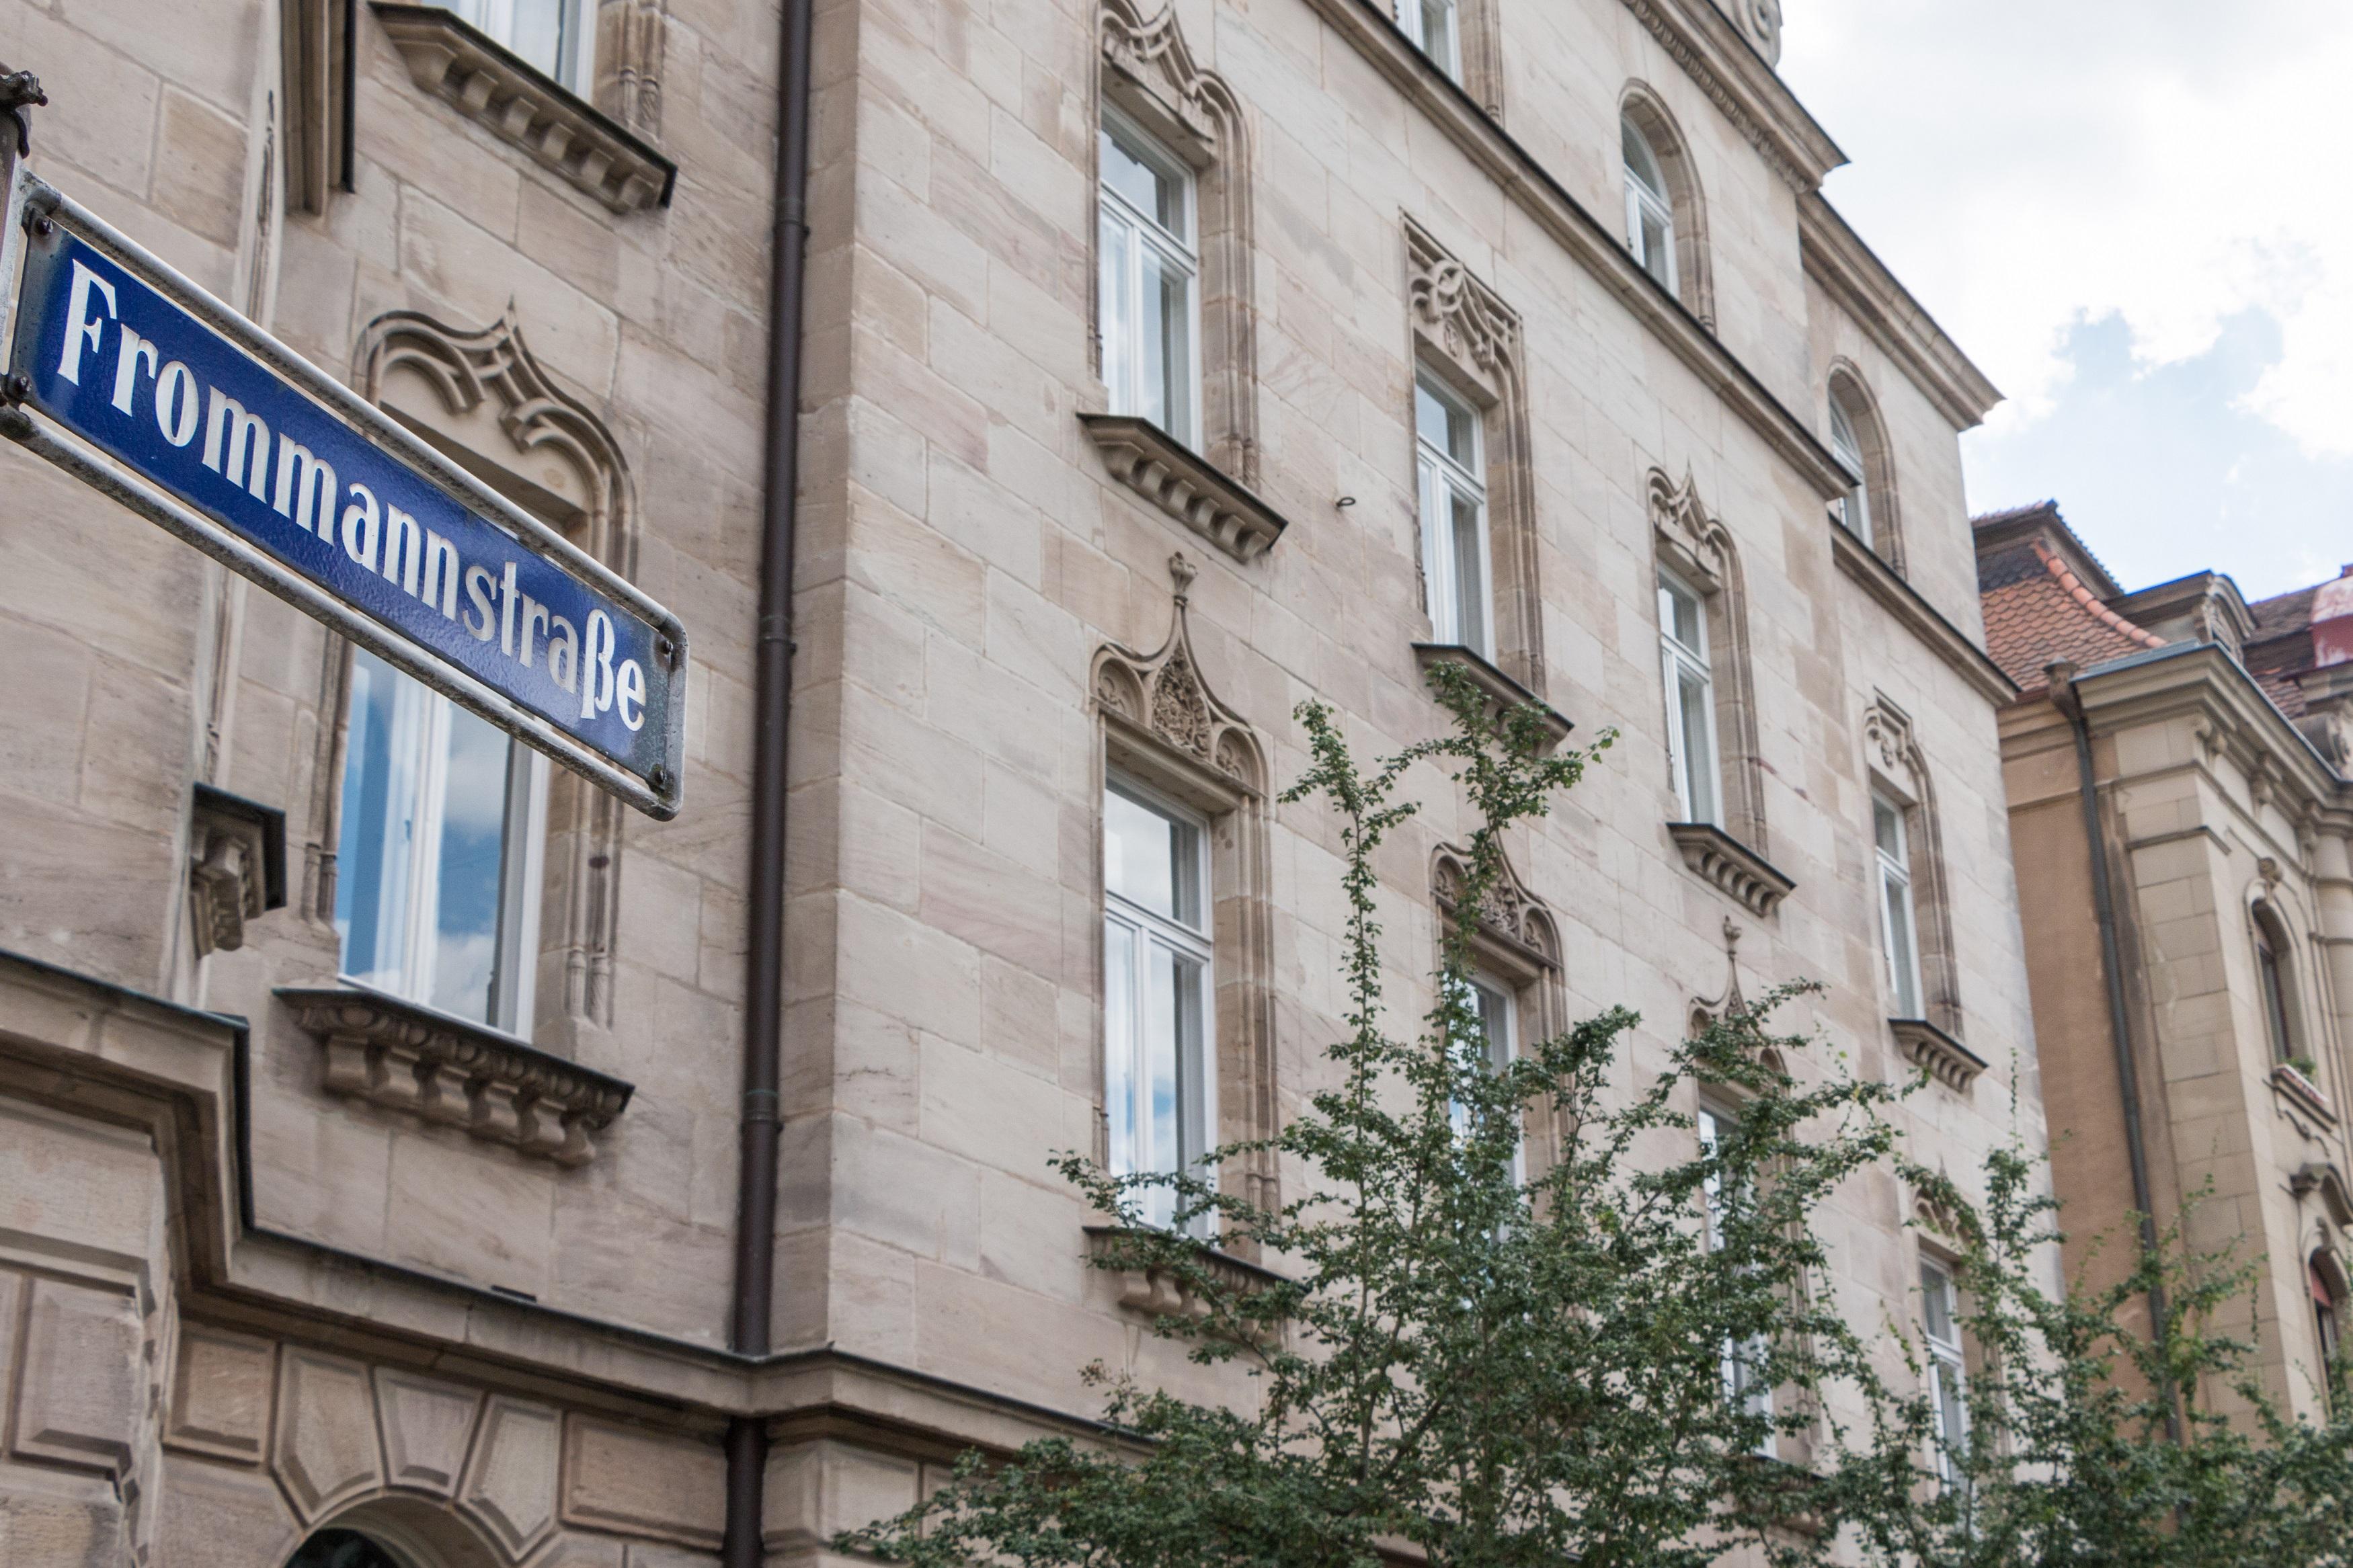 Büro Frommannstraße Nürnberg Vend Consulting GmbH